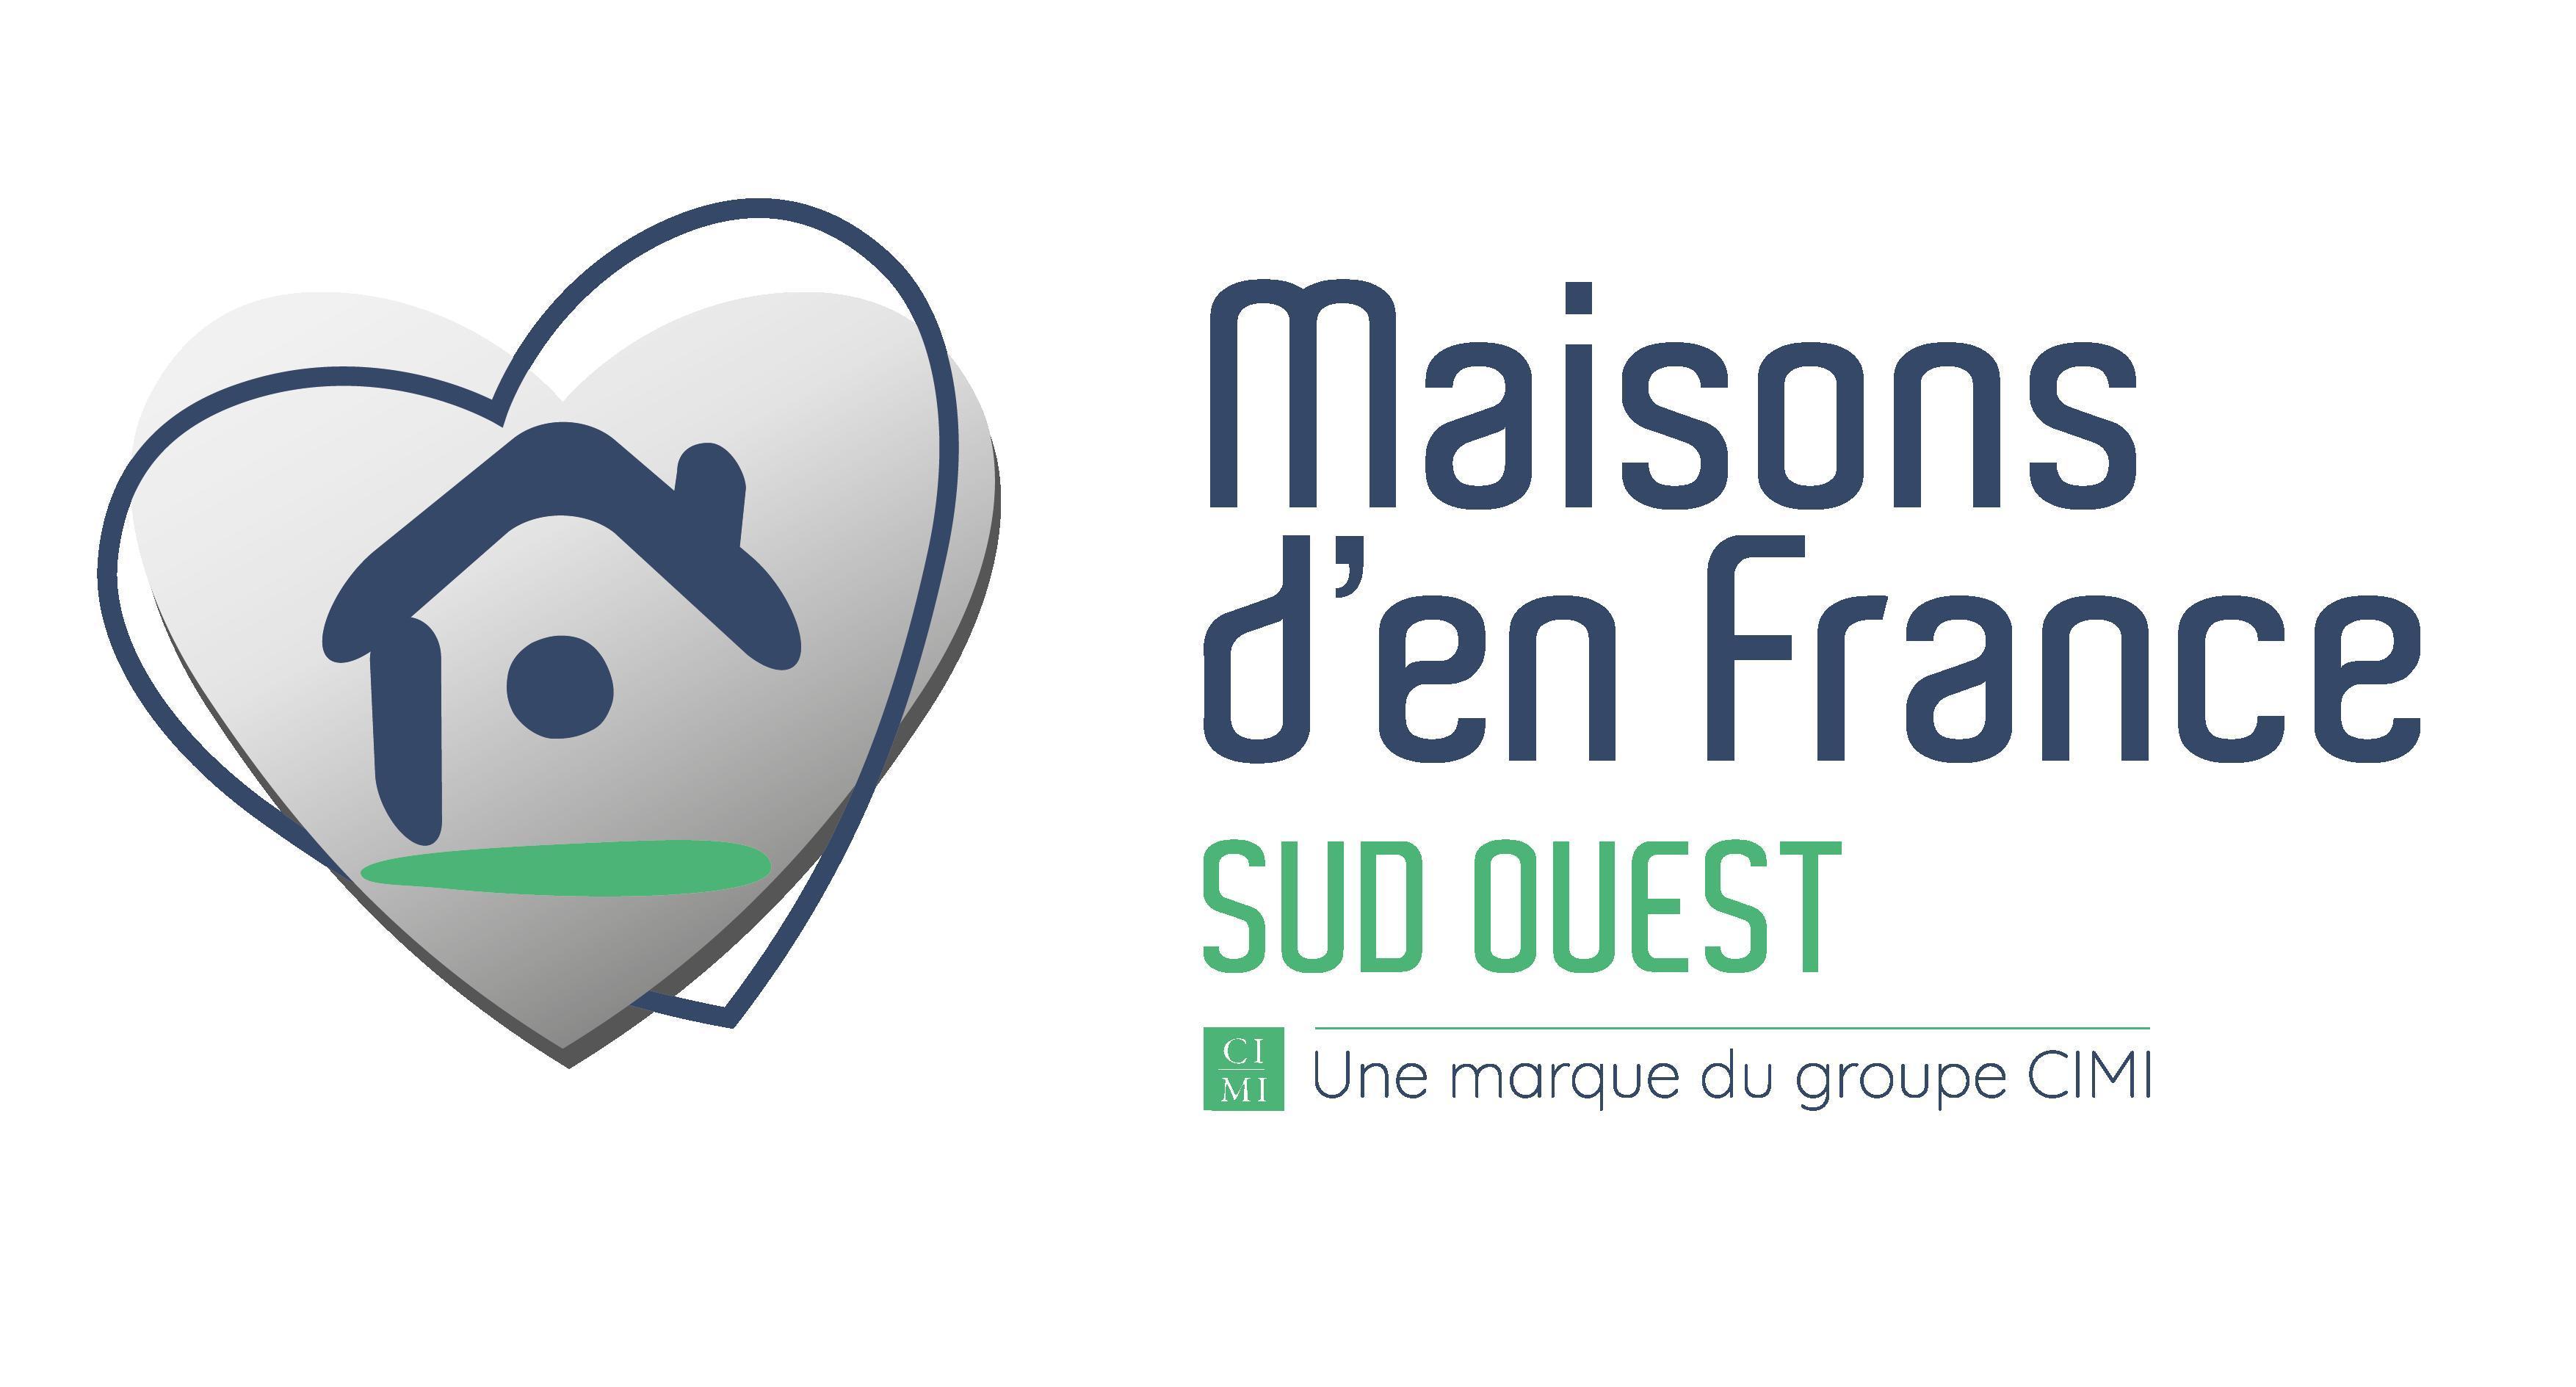 Maisons d'en France Sud Ouest Dax agence immobilière Saint-Paul-Lès-Dax (40990)